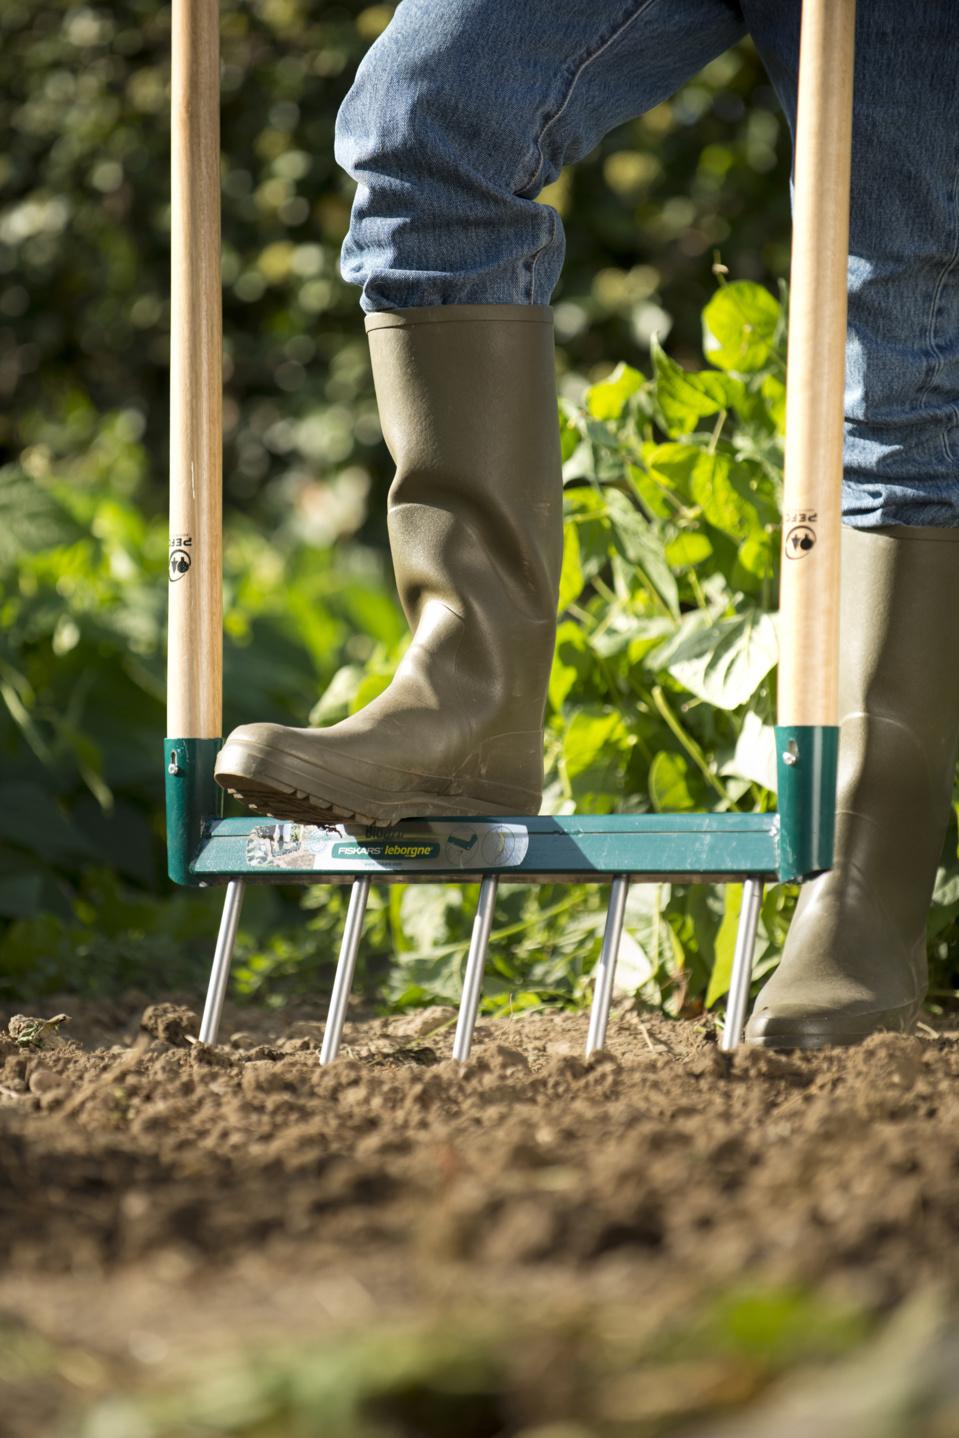 FISKARS - Des solutions naturelles pour le jardinage